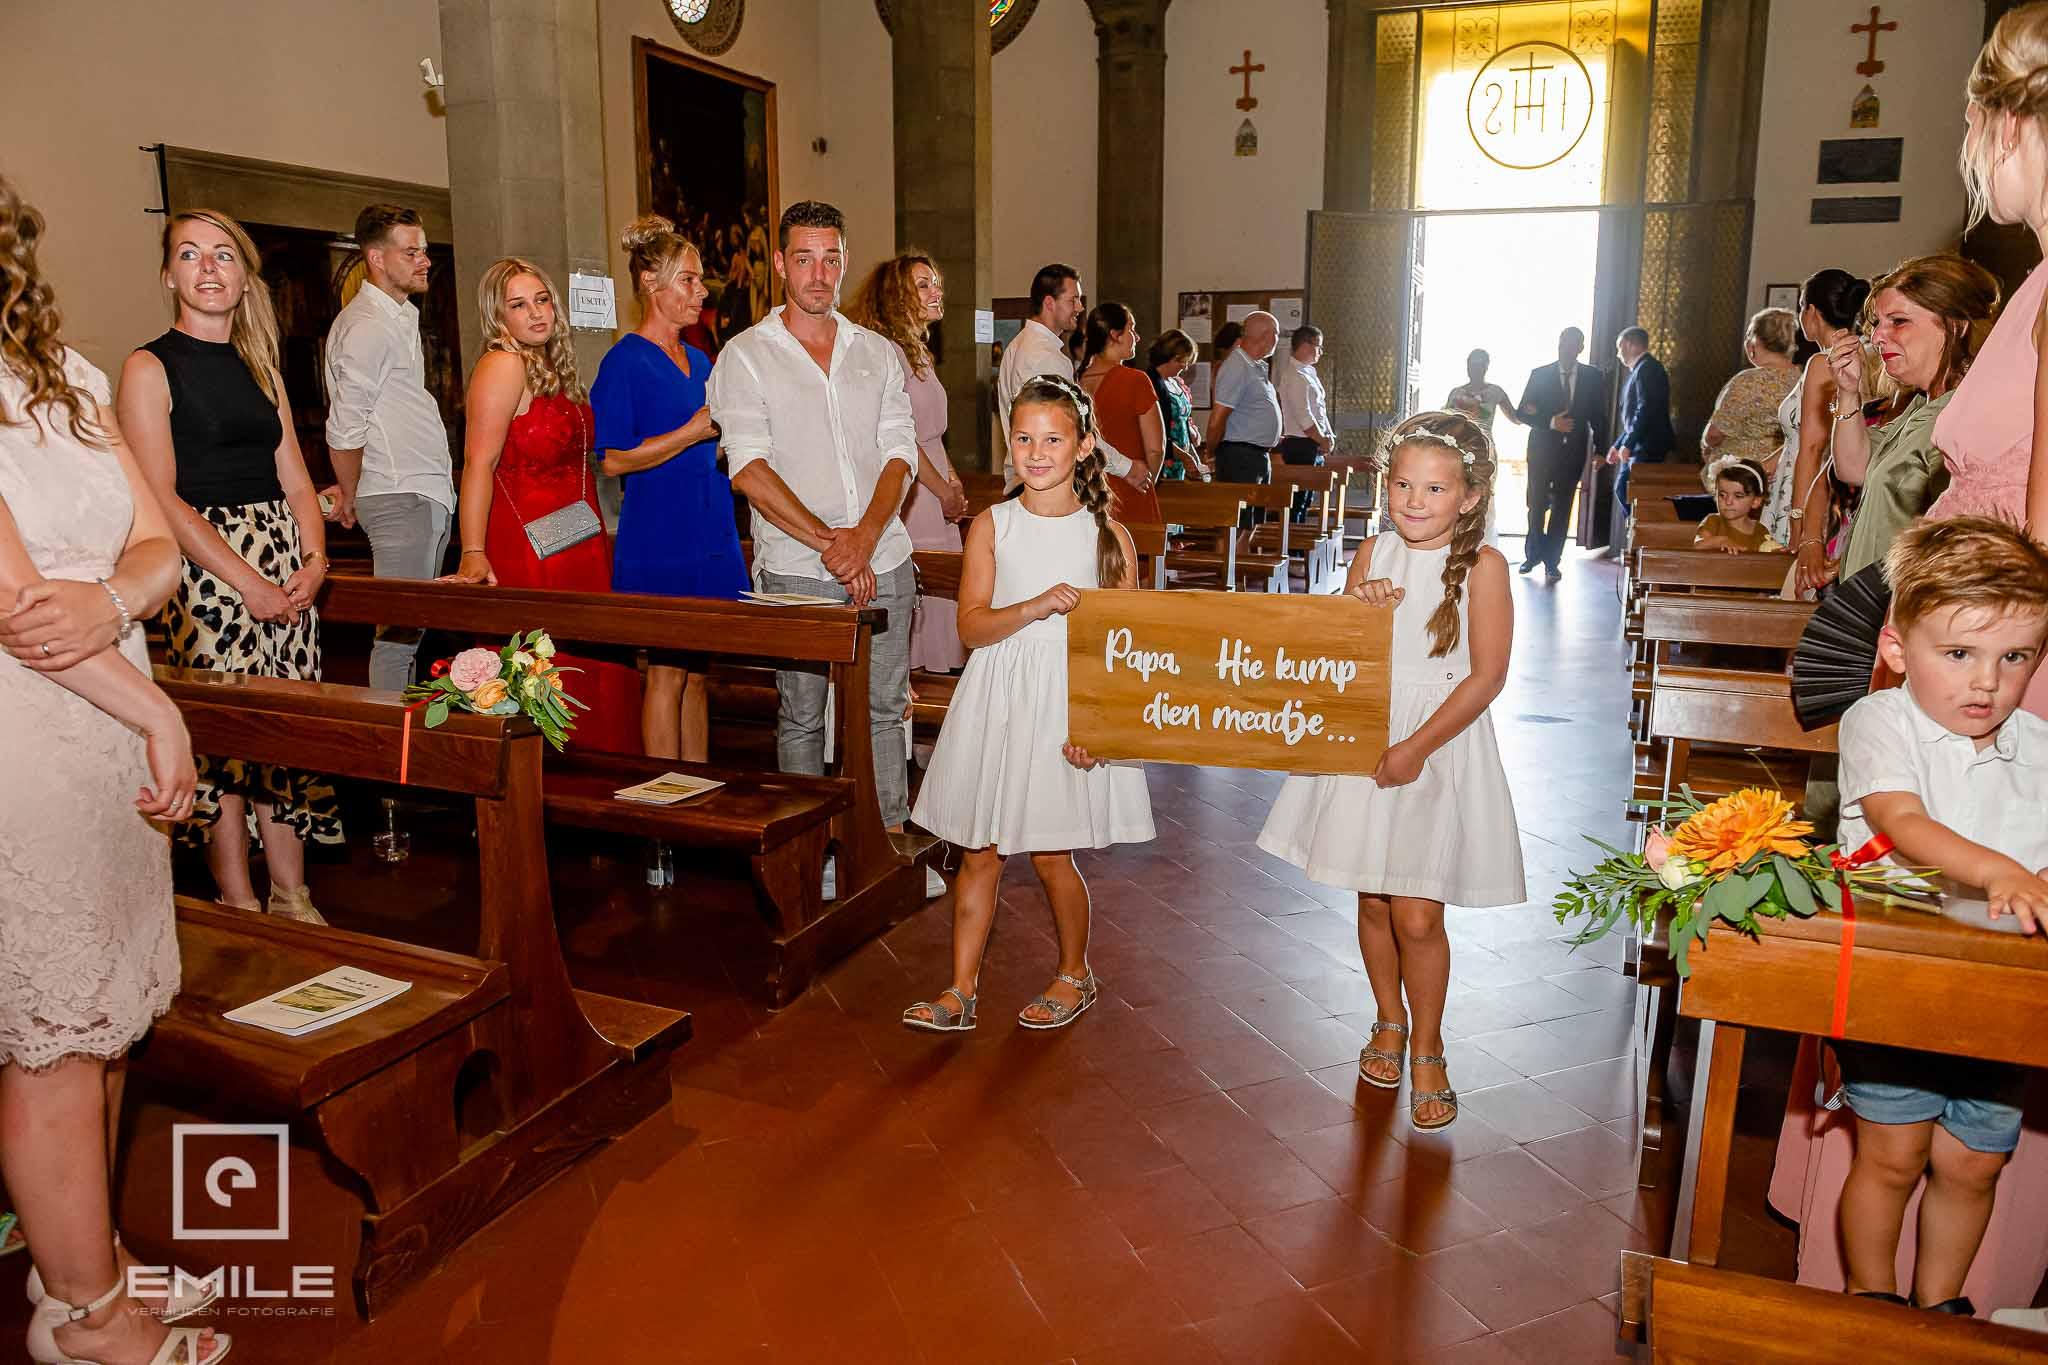 Kinderen met een bord met de Limburgse tekst Pappa hiej kumpt dien maedje - Destination wedding San Gimignano - Toscane Italie - Iris en Job